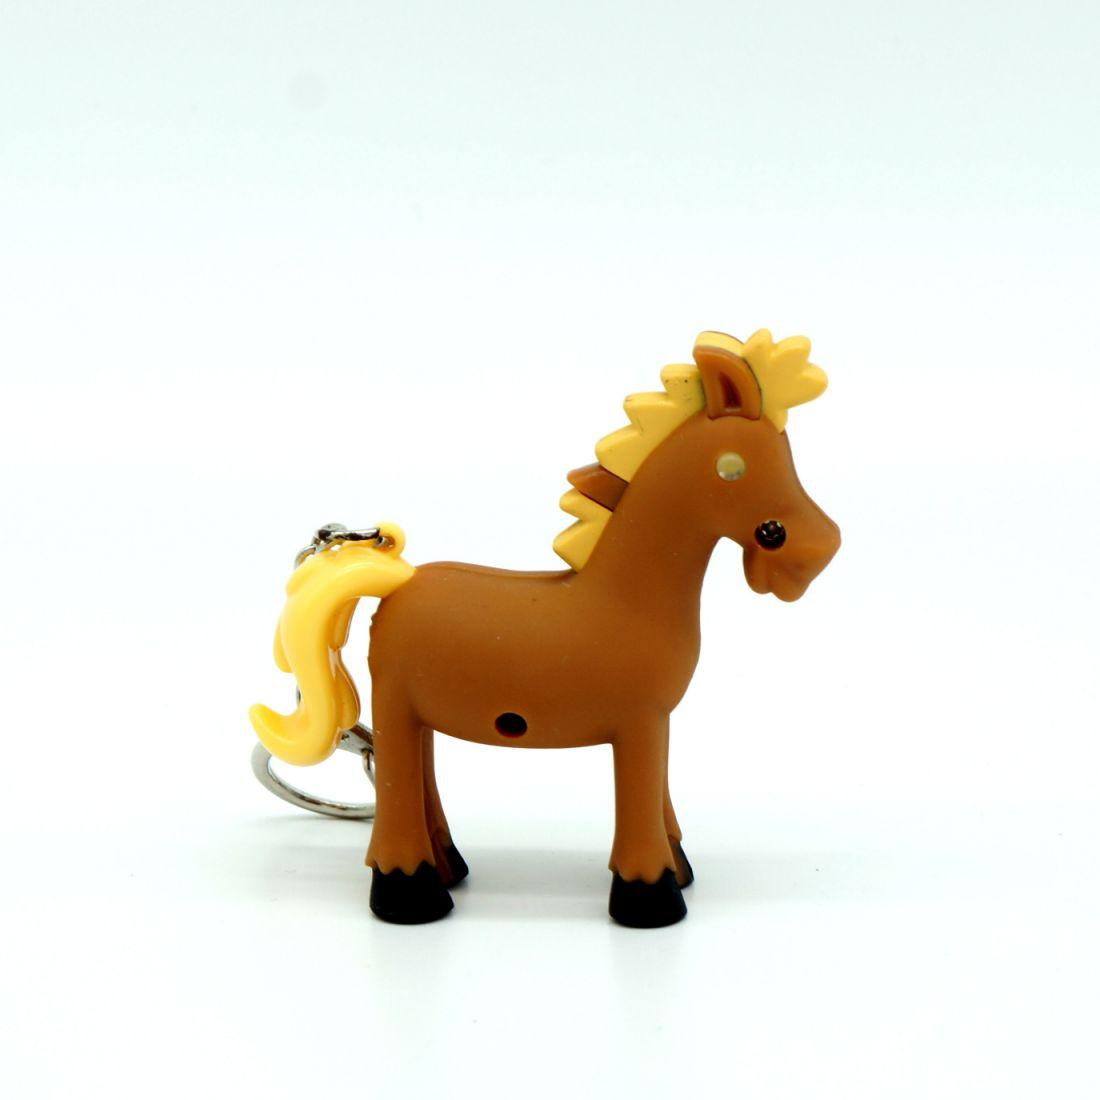 Брелок «Лошадка» со световыми и звуковыми эффектами